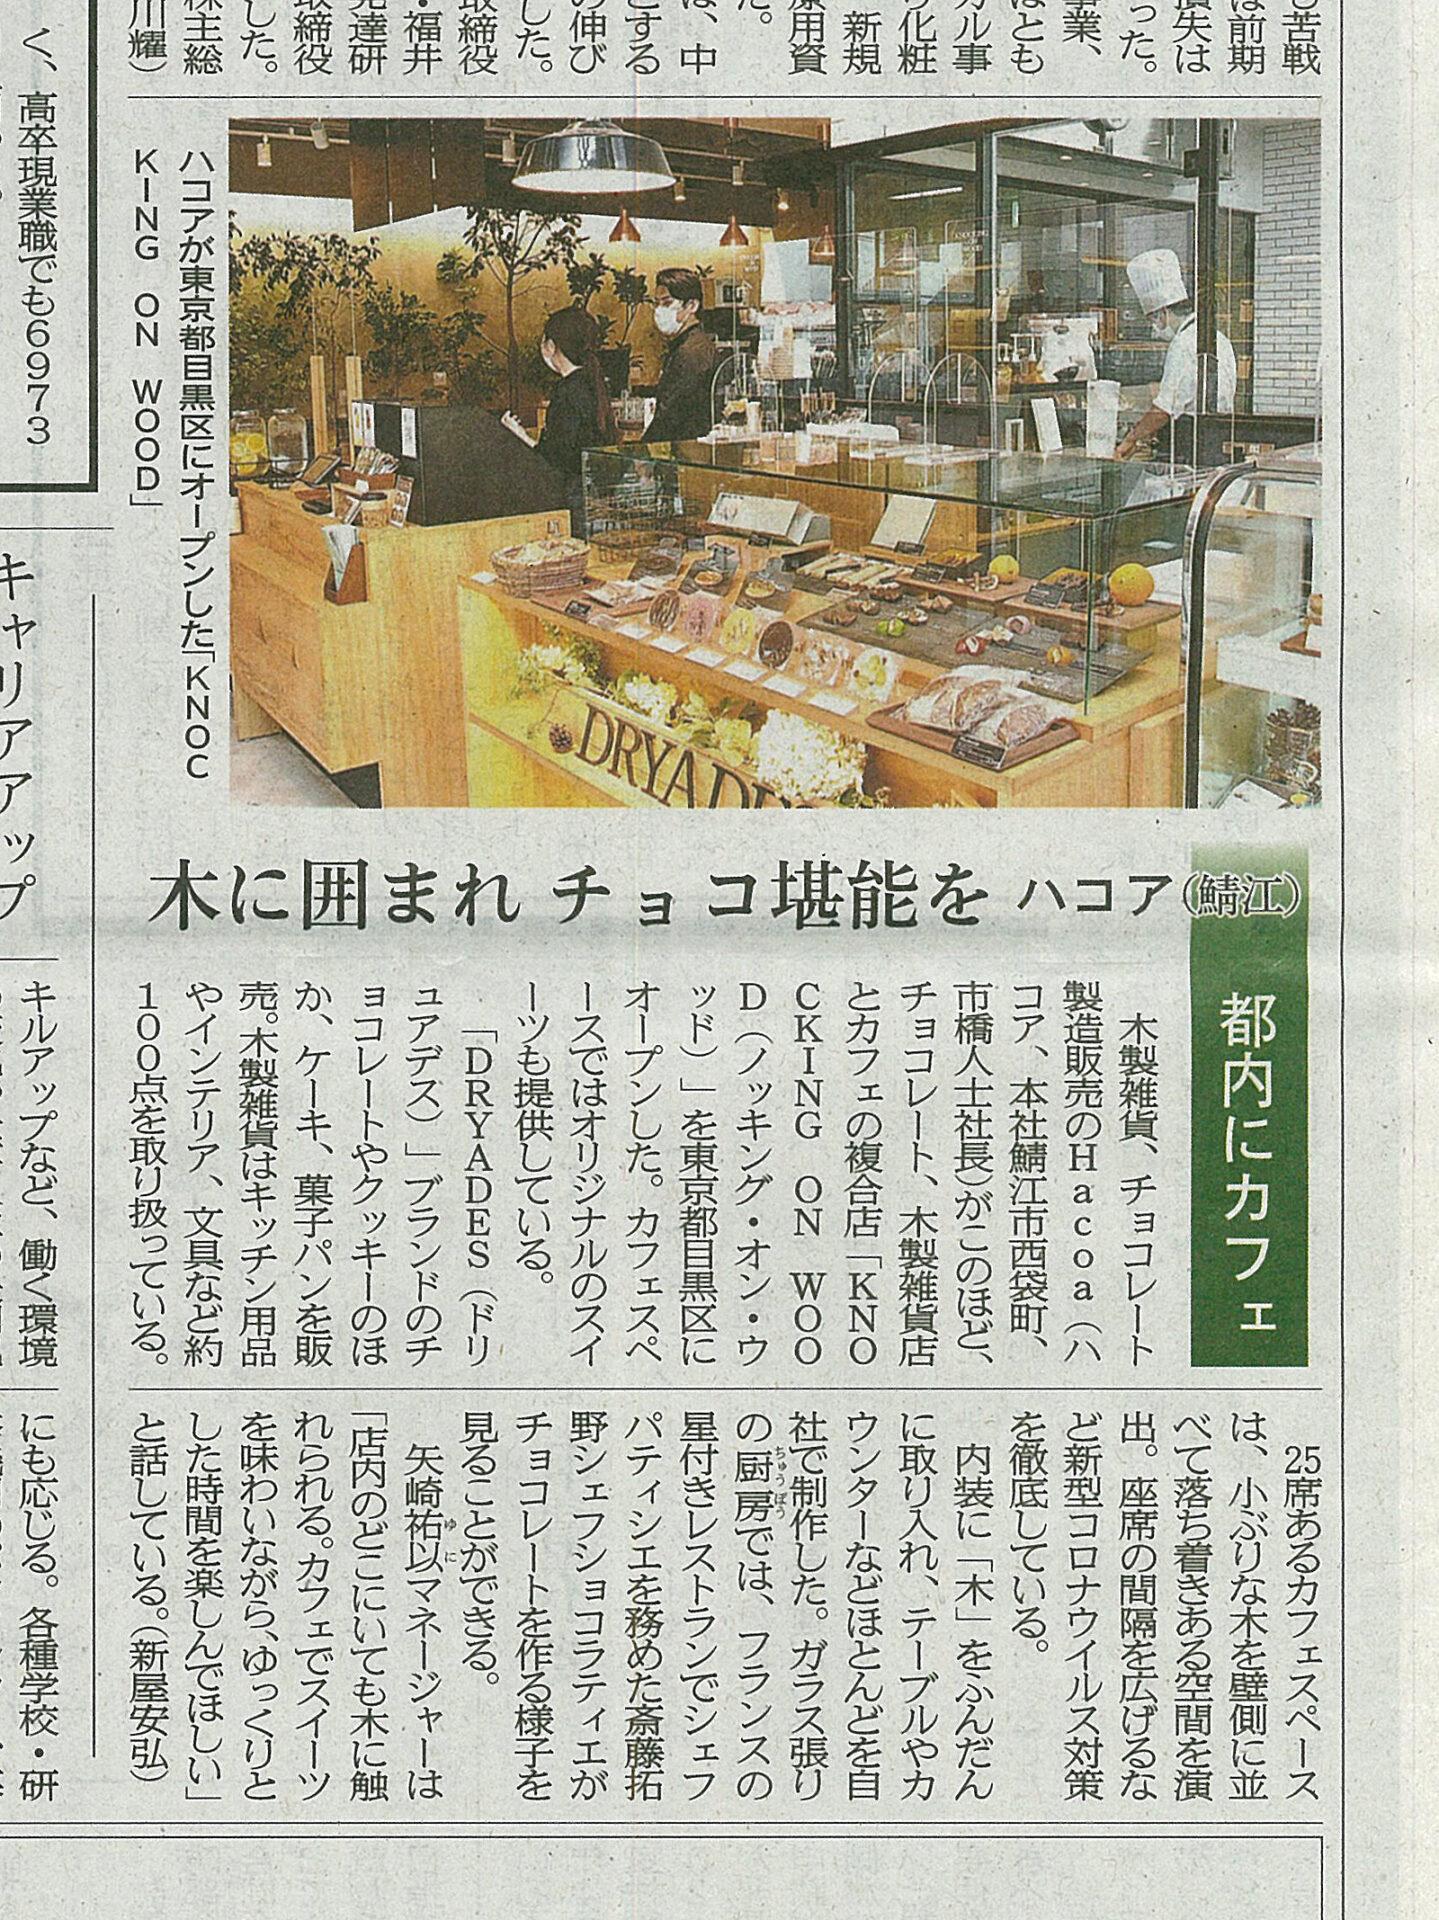 福井新聞様にご紹介いただきました